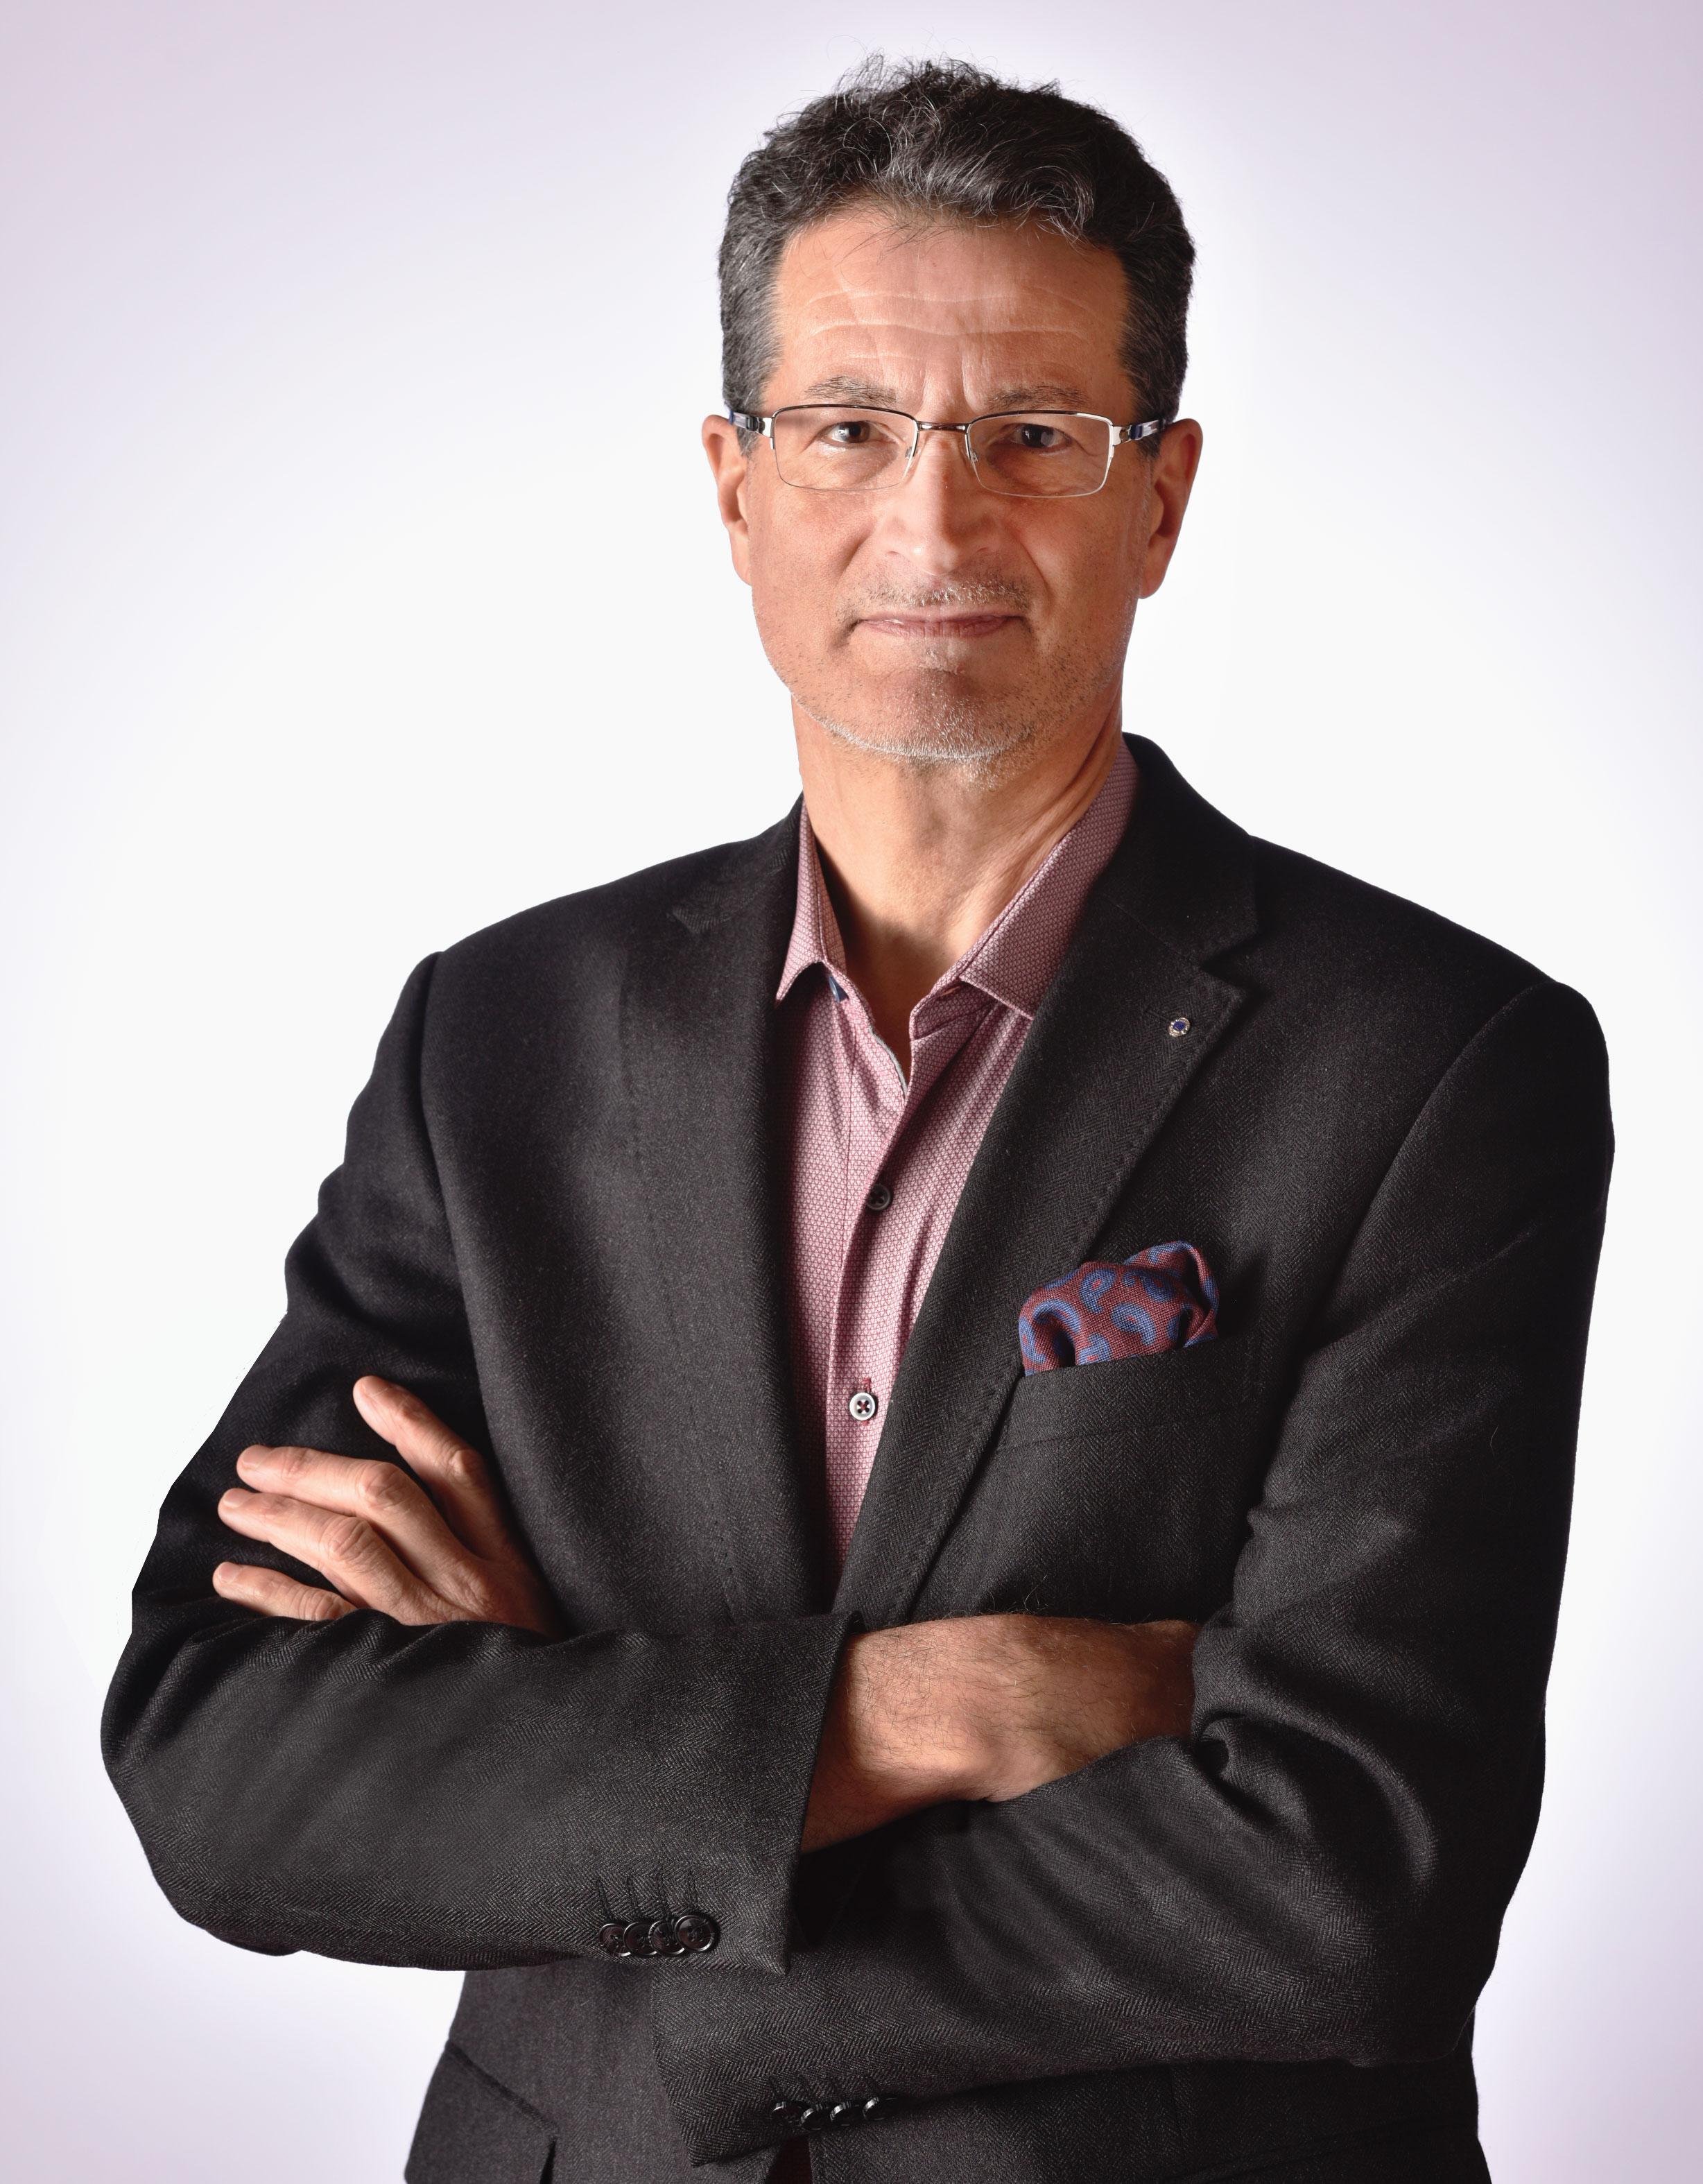 Pulsion, agence de marketing, Lausanne, Vevey, Montreux, Alain Ciocca, fondateur et conseil en communication, graphisme, identité visuelle, site internet, événementiel, publicité, édition